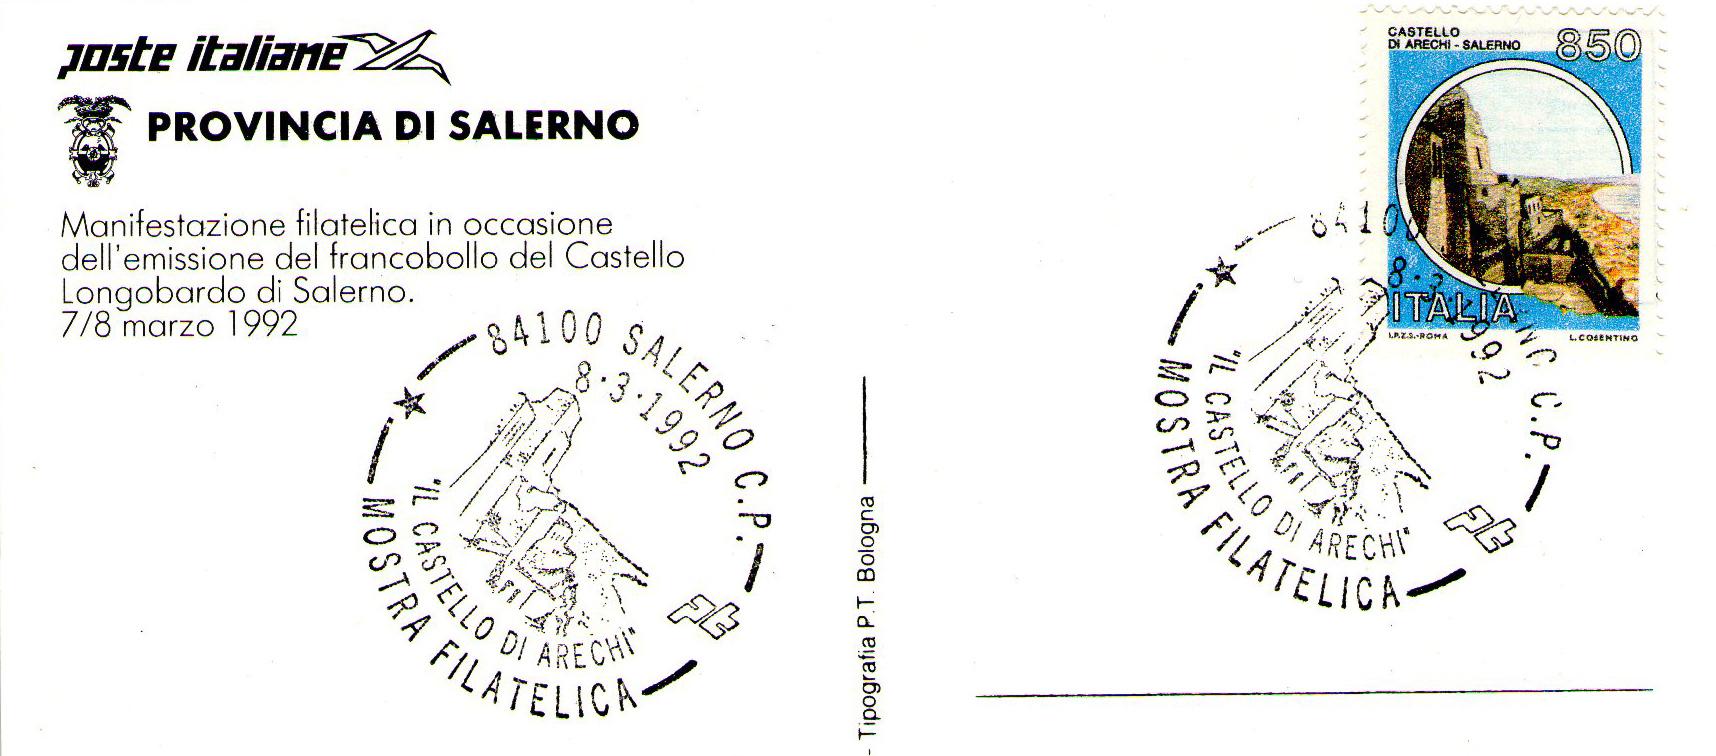 Francobollo Castello Arechi